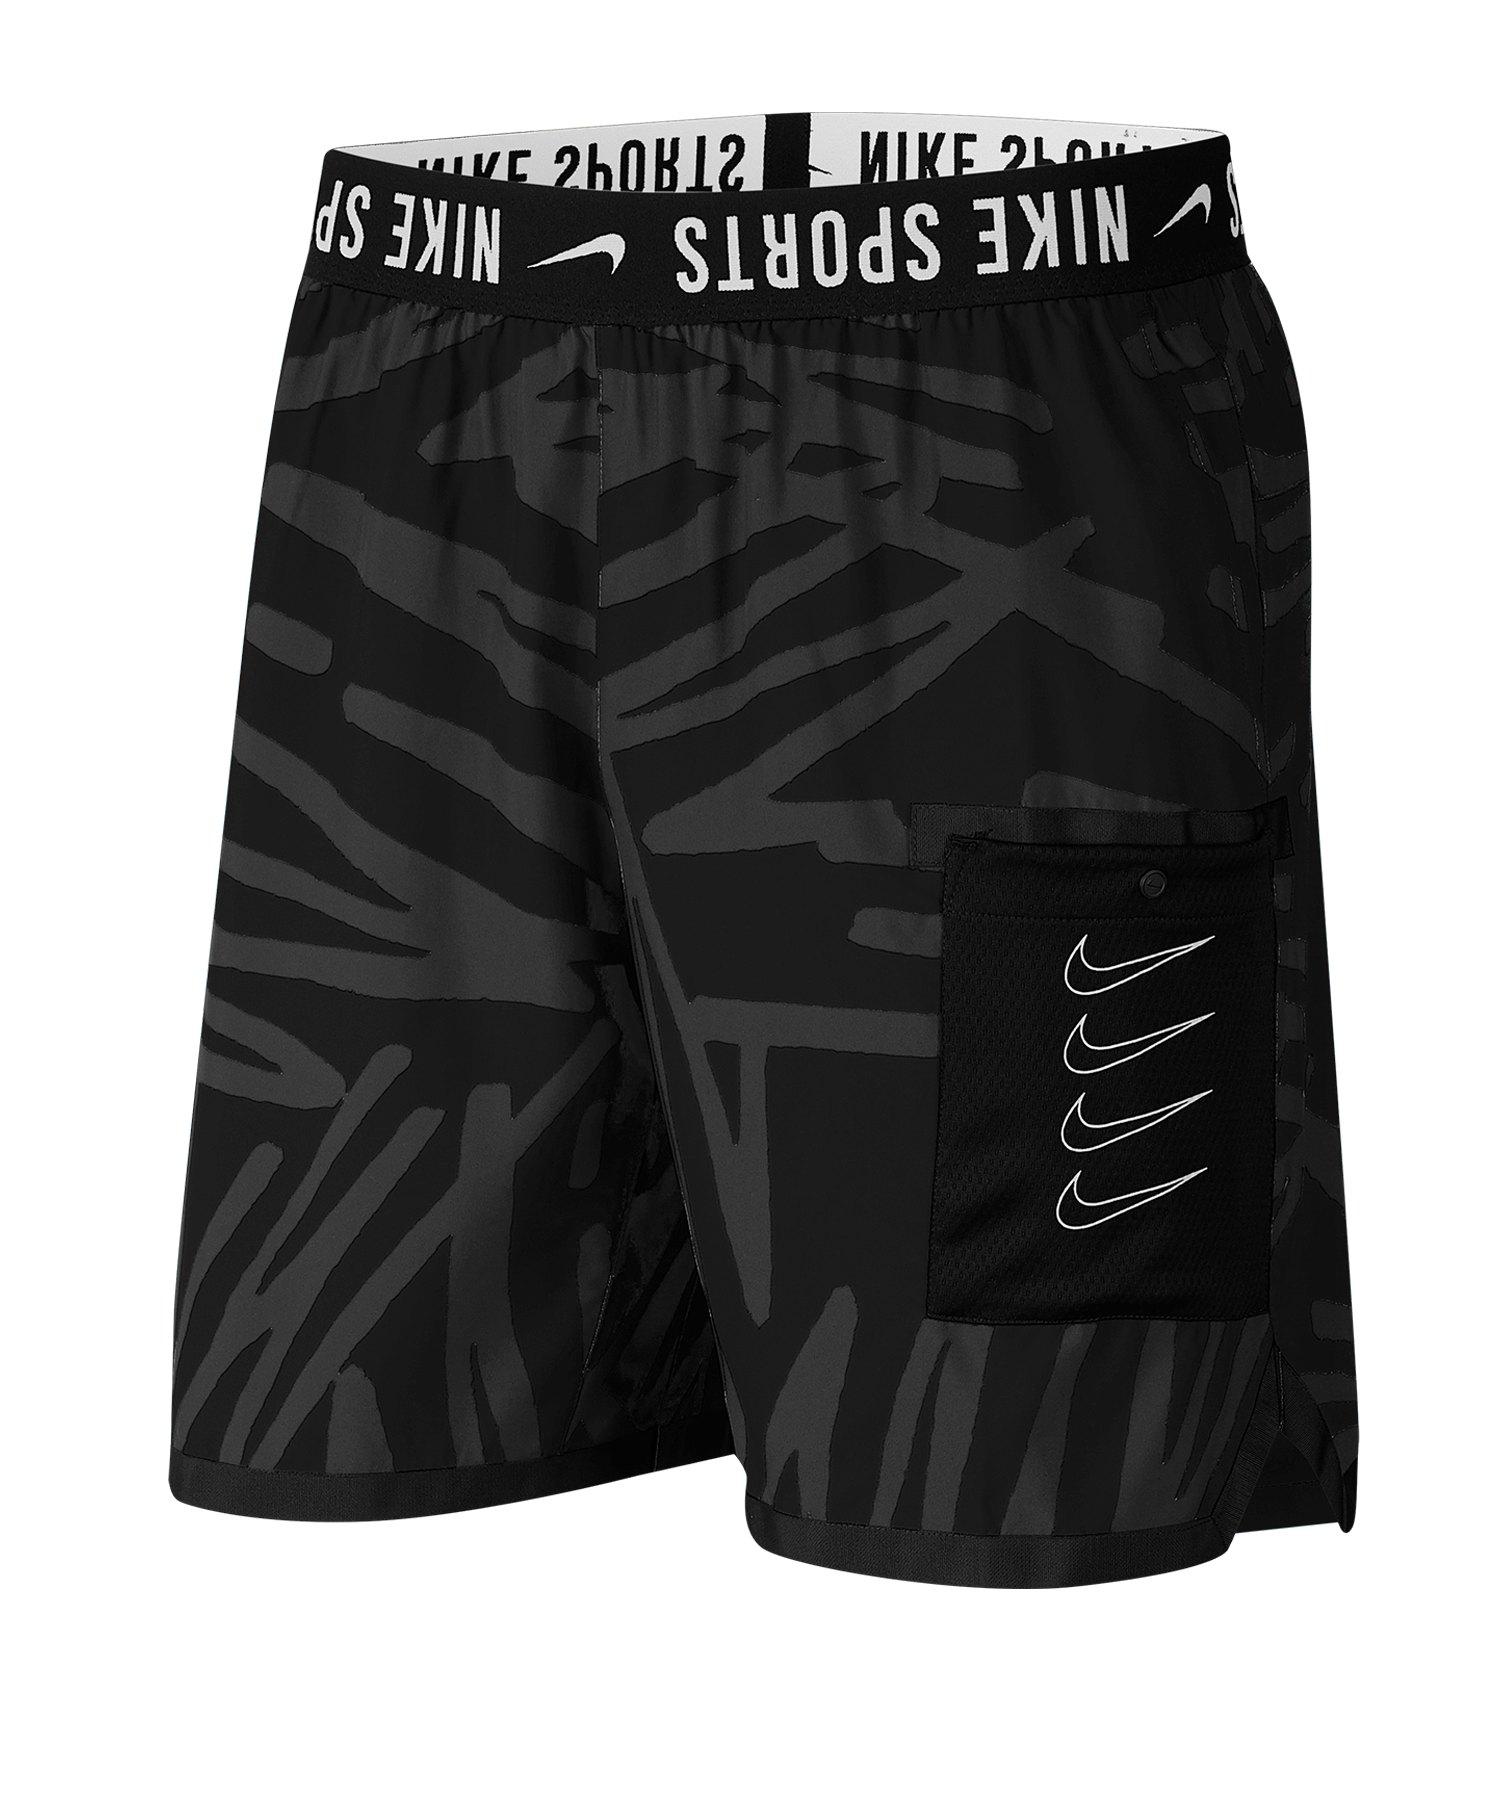 nike dry training short schwarz grau f010